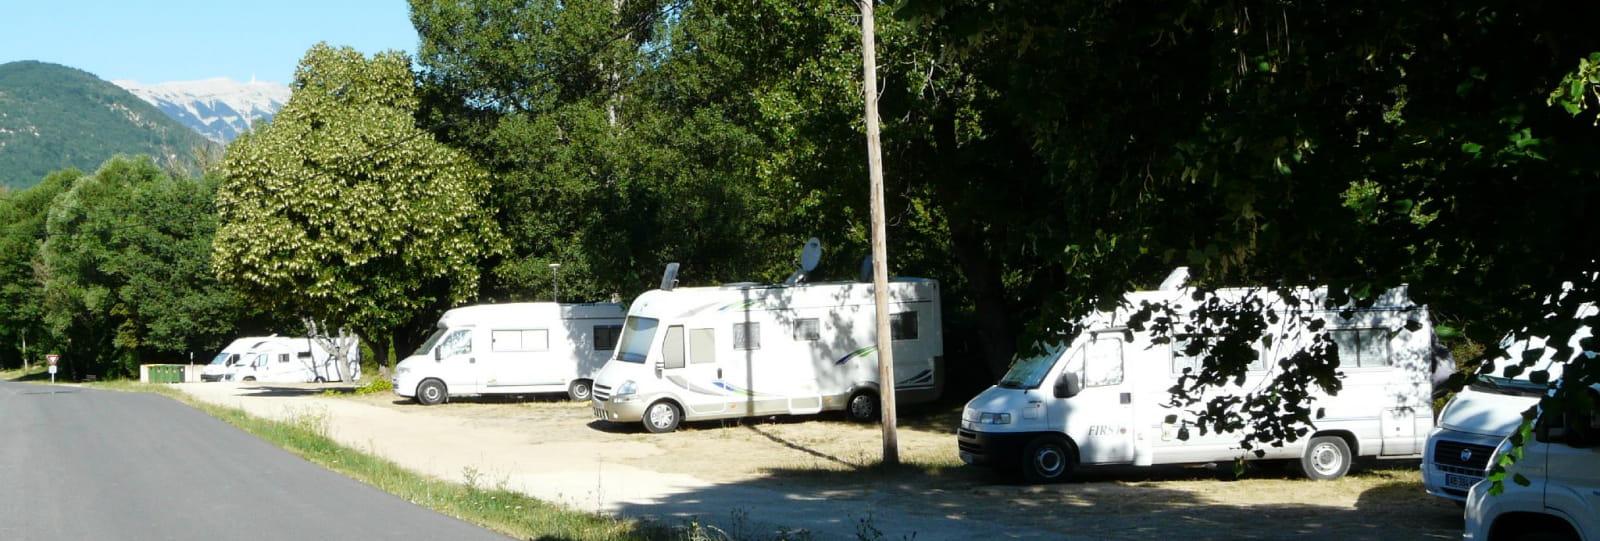 Aire de stationnement de camping cars Montbrun les Bains